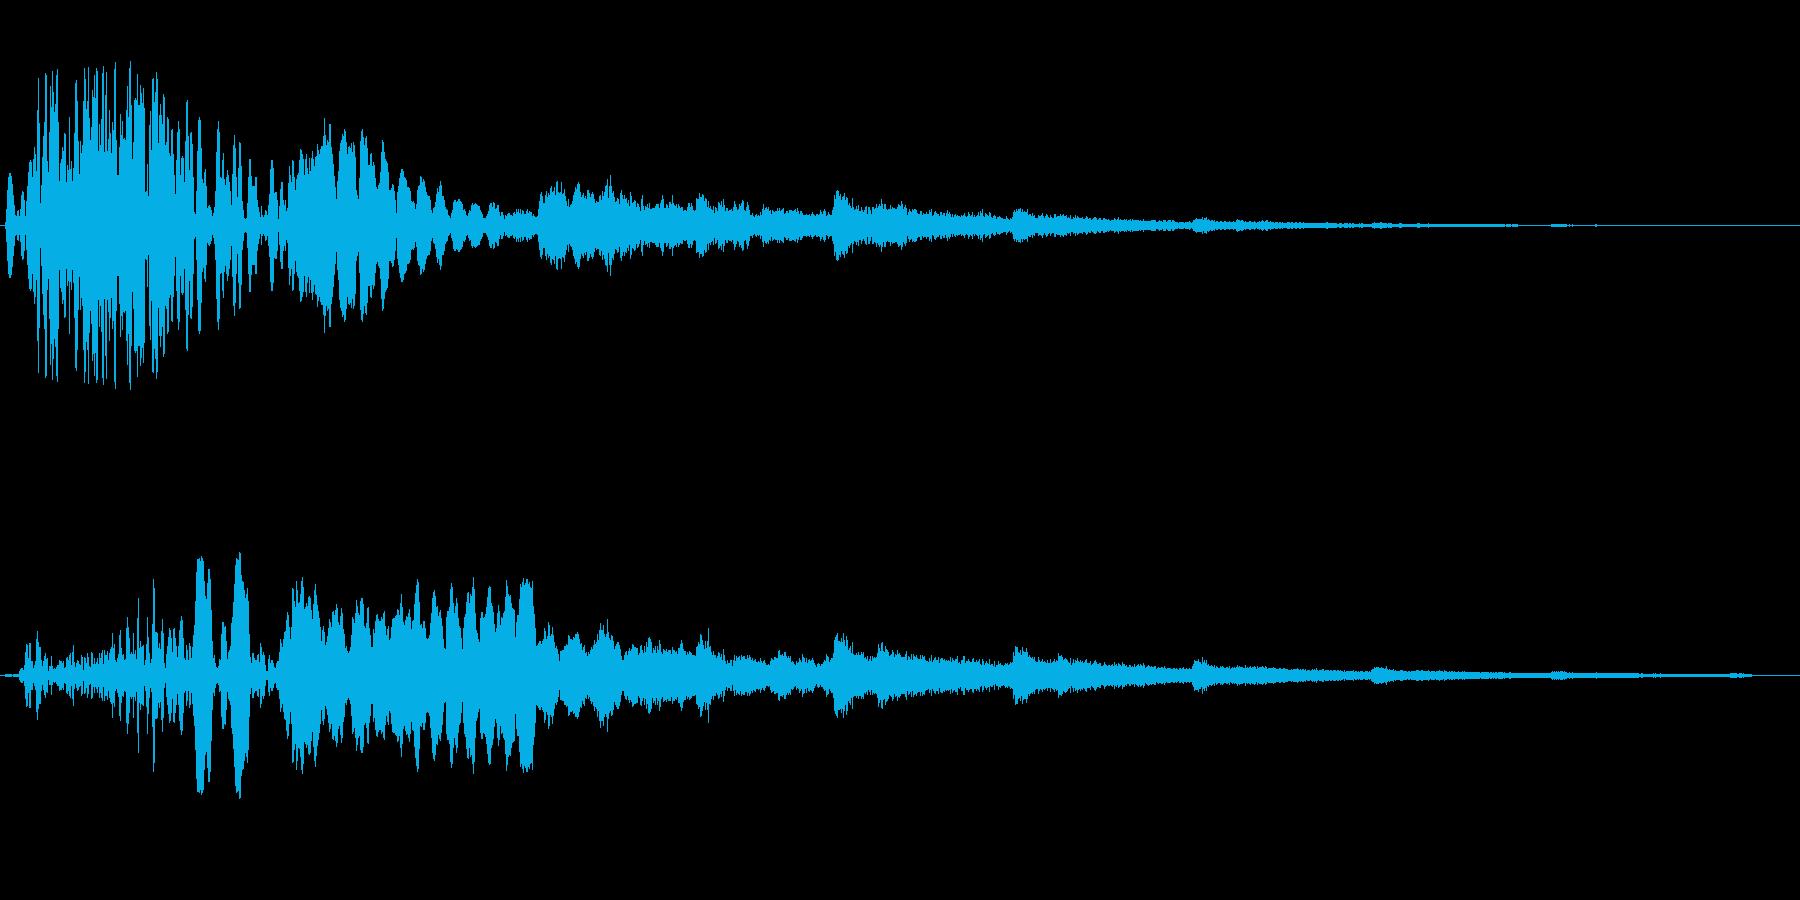 キラキラ(風が唸り輝くような音)の再生済みの波形